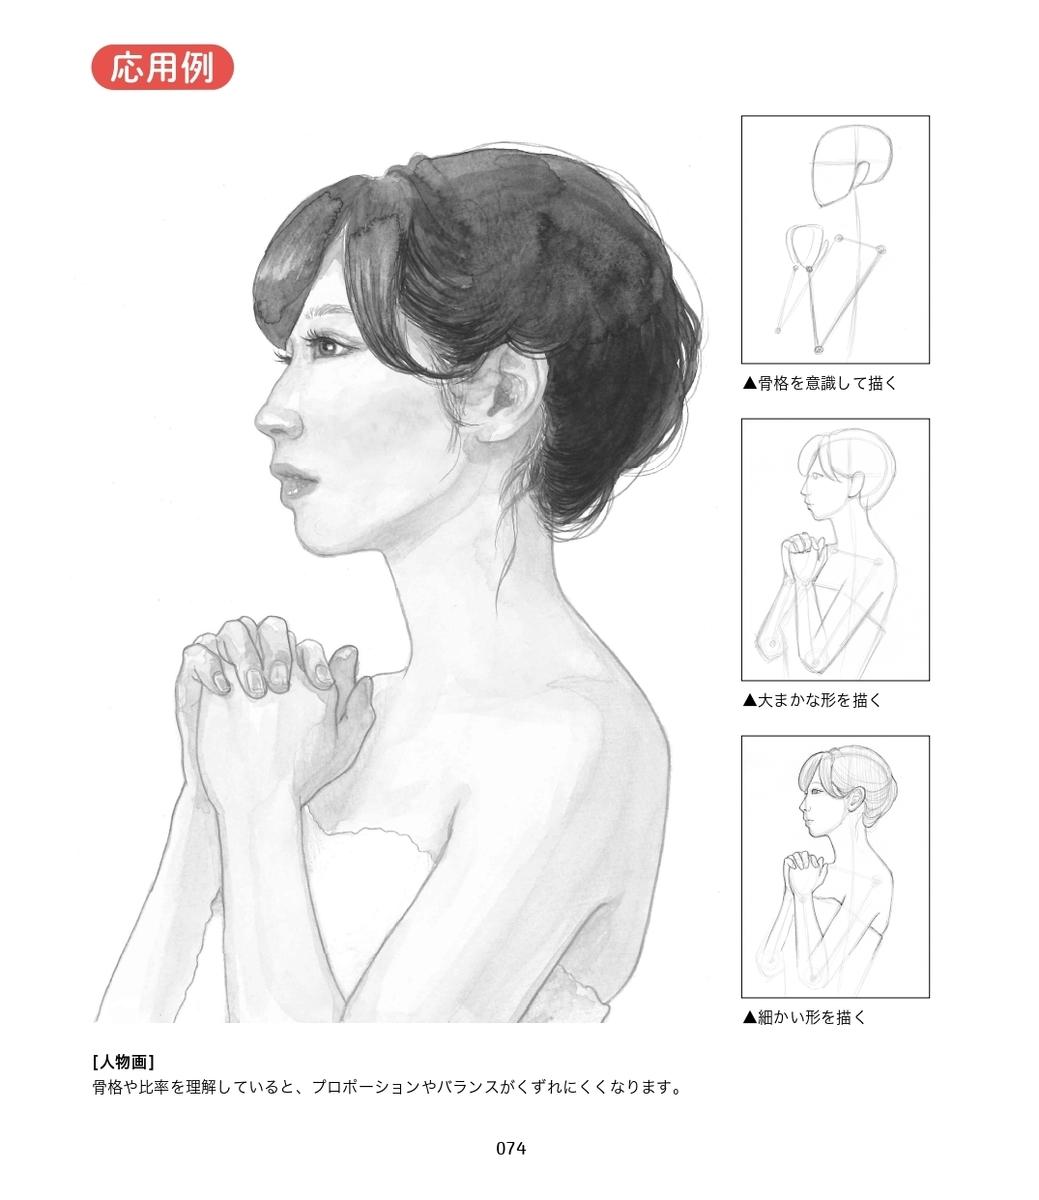 f:id:mojiru:20200413081713j:plain